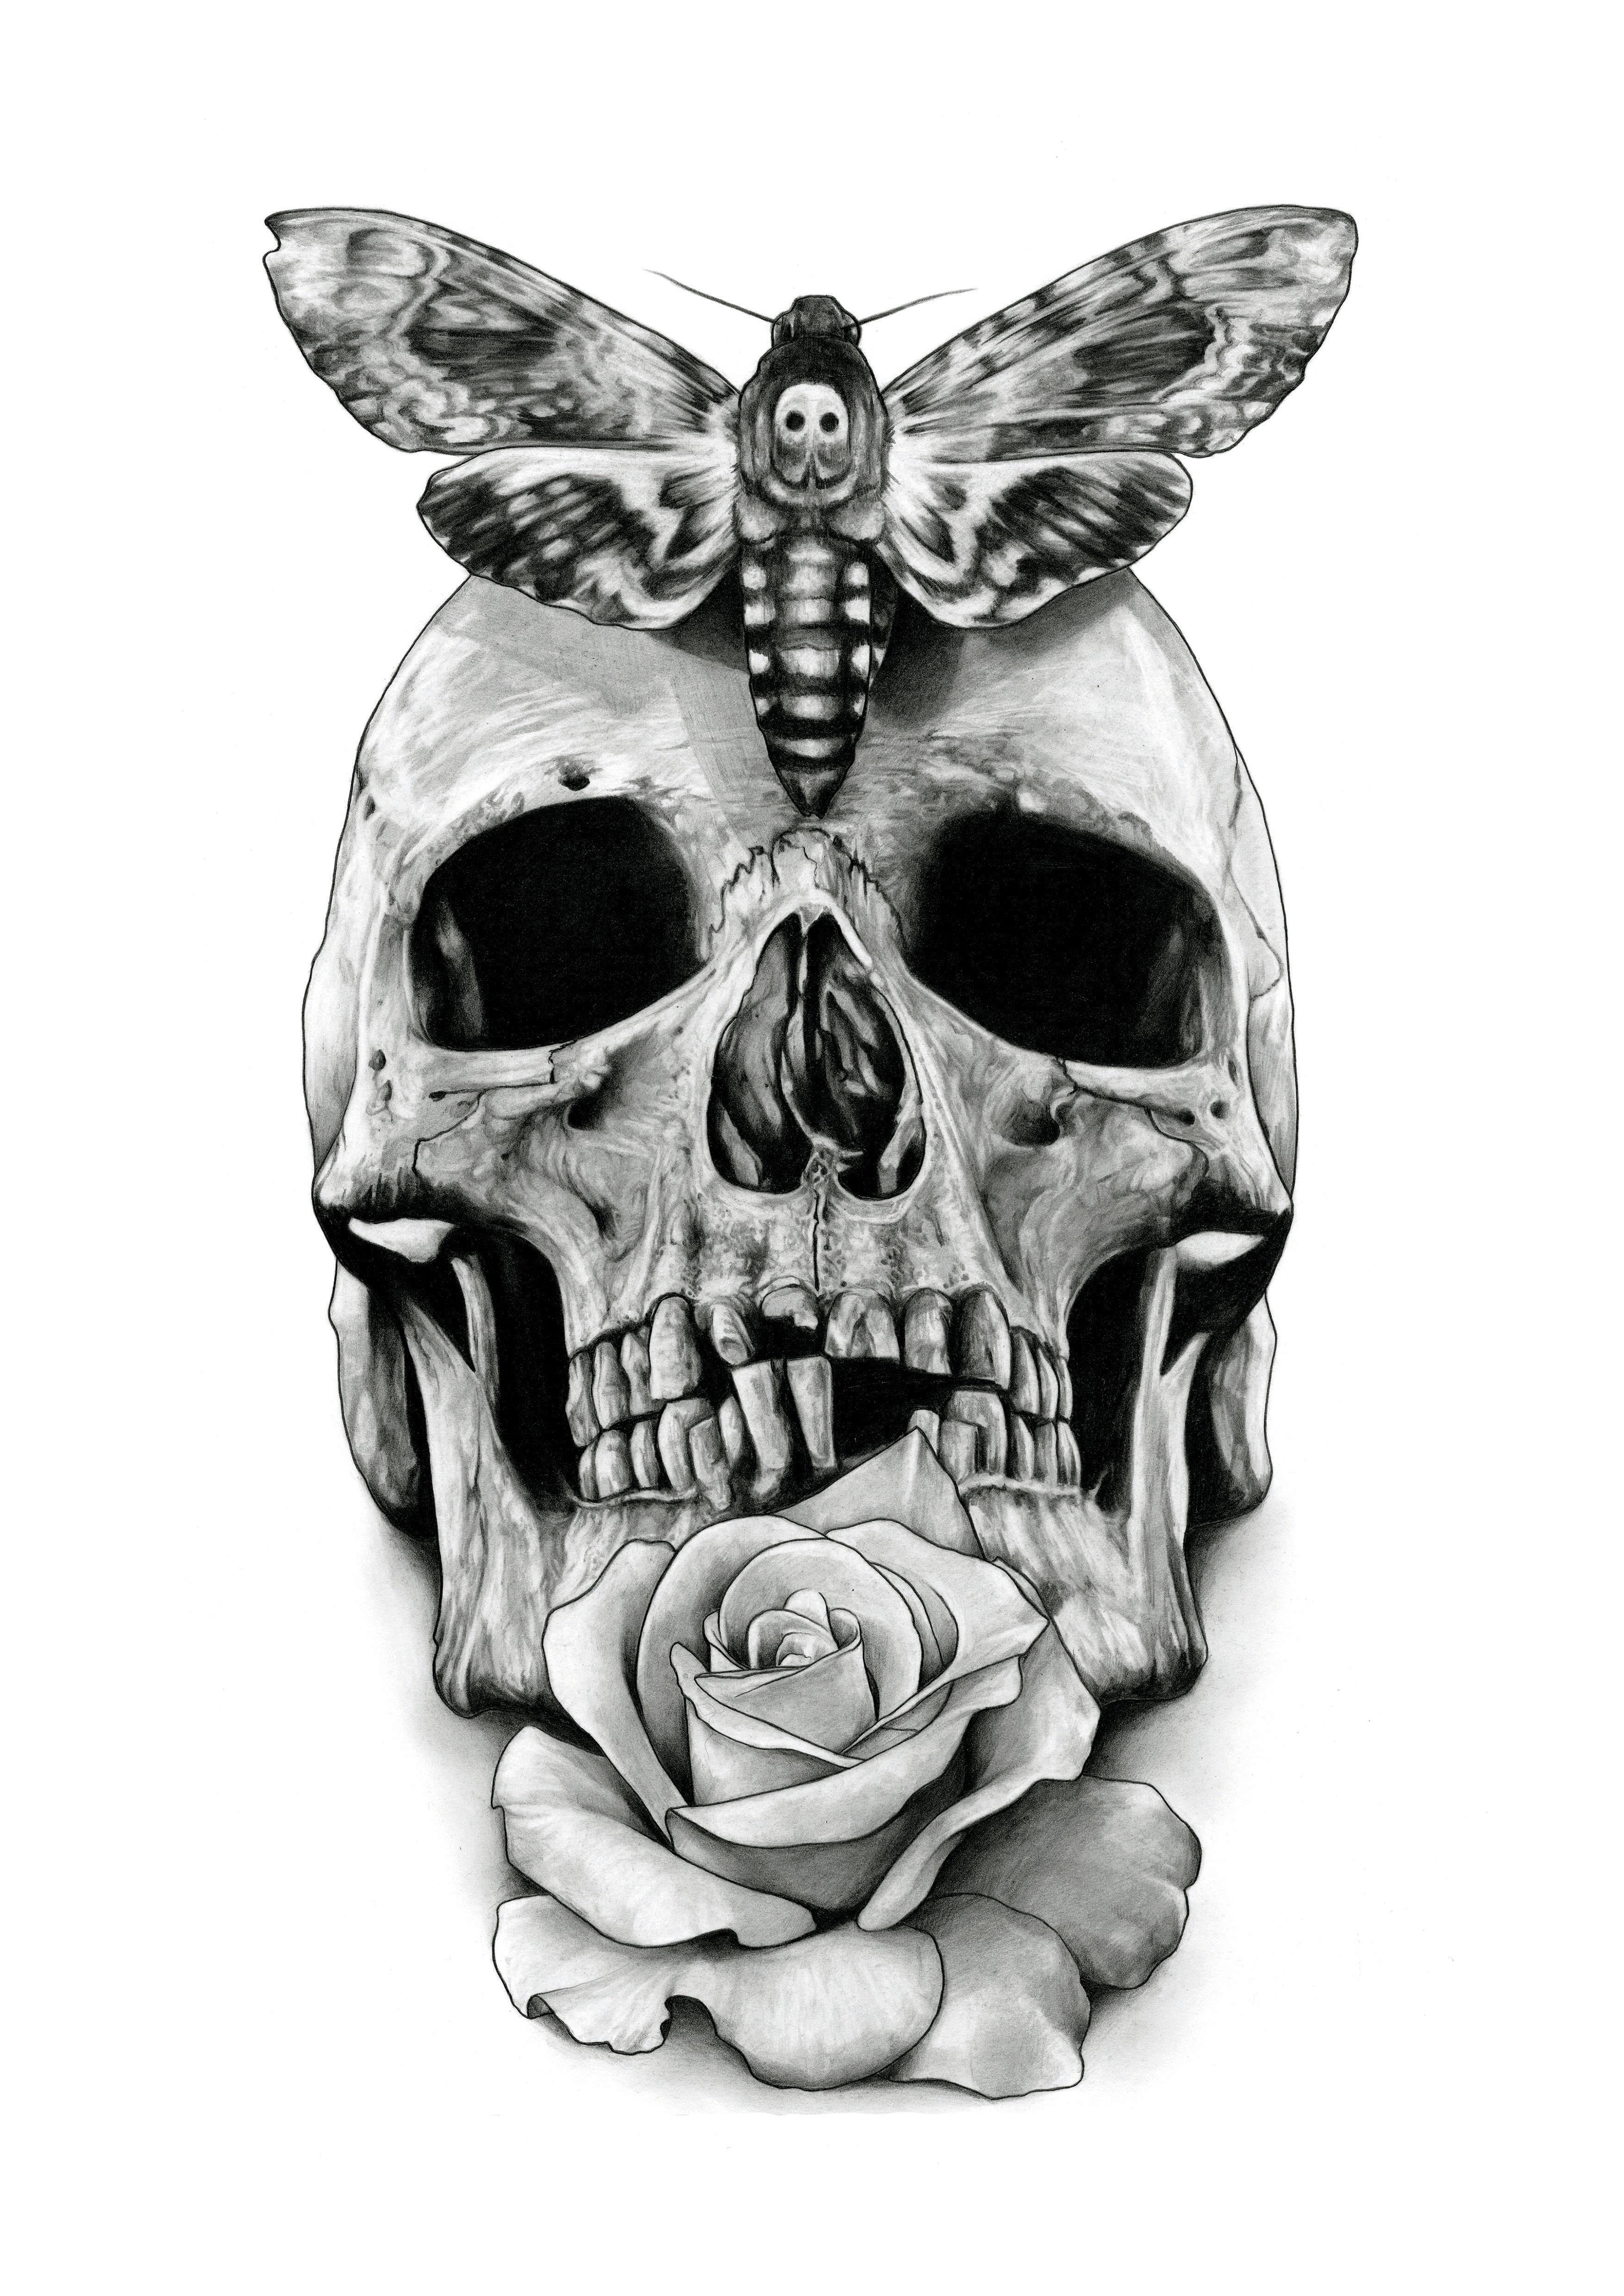 Drawn hawk dark Trends Skull Design Skull PSD